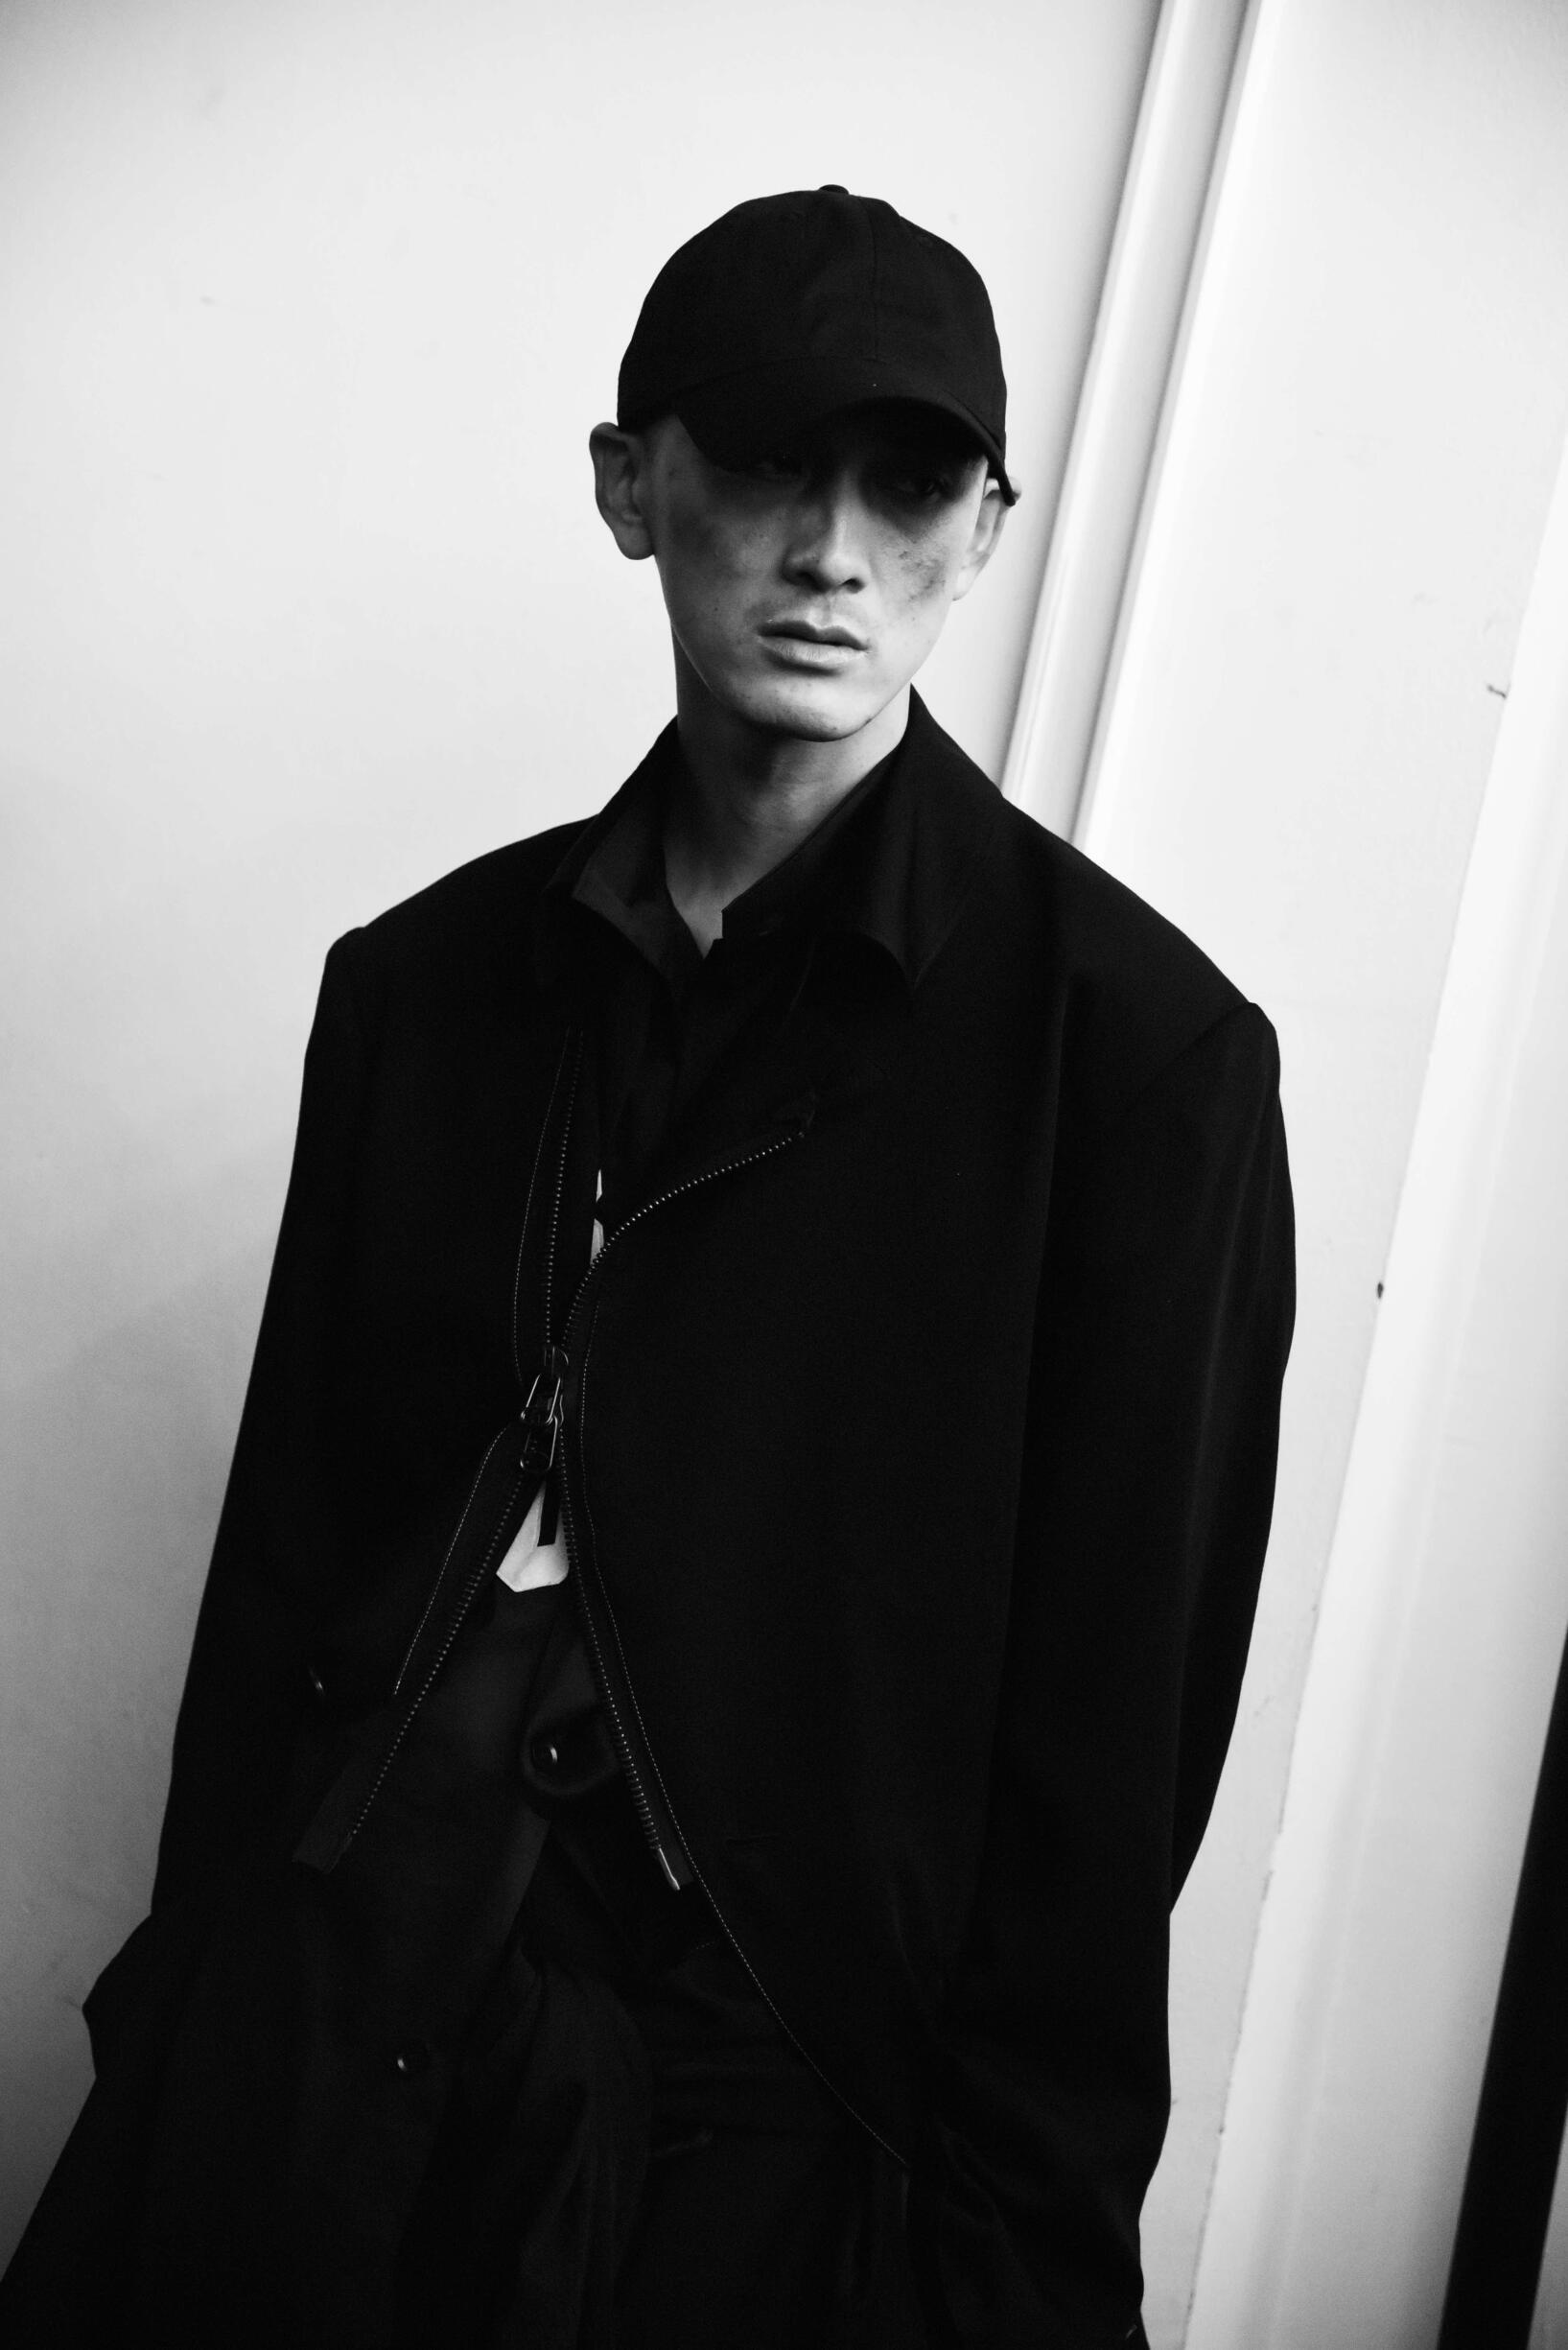 Backstage Yohji Yamamoto Model Menswear